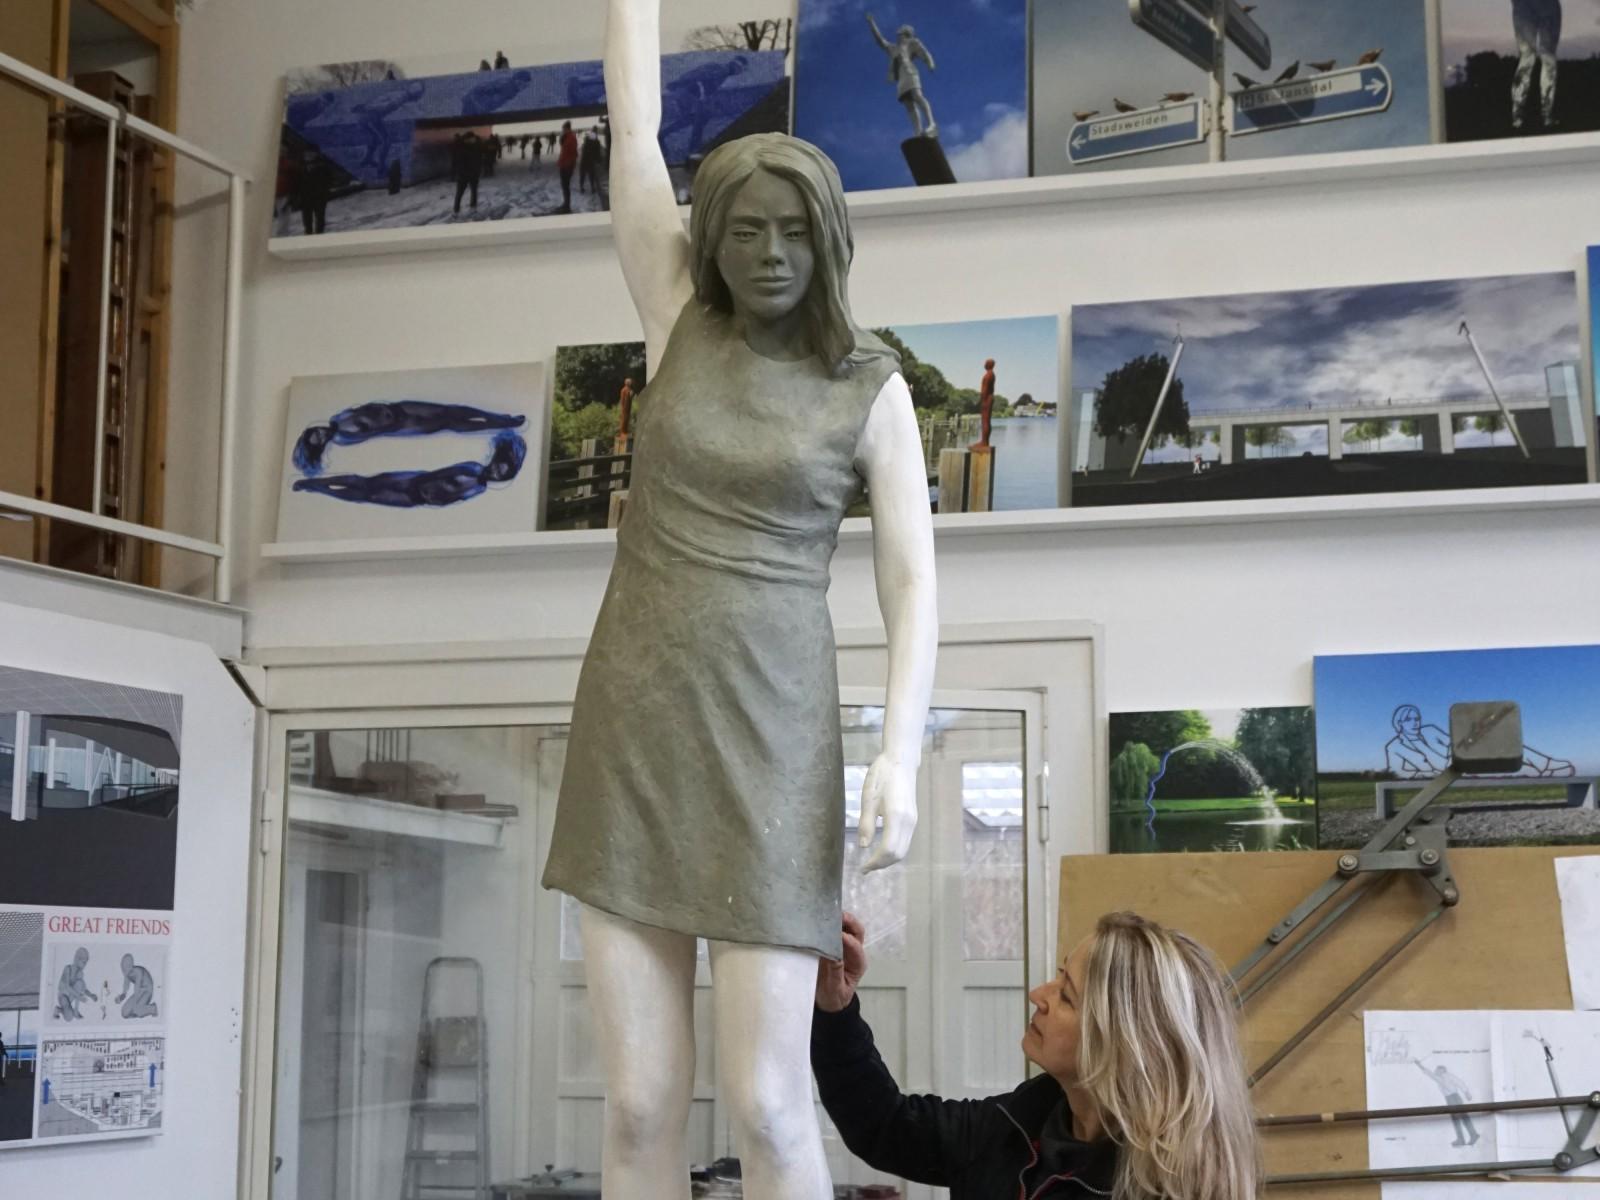 DSC03722 maree bij vrouw sculptuur